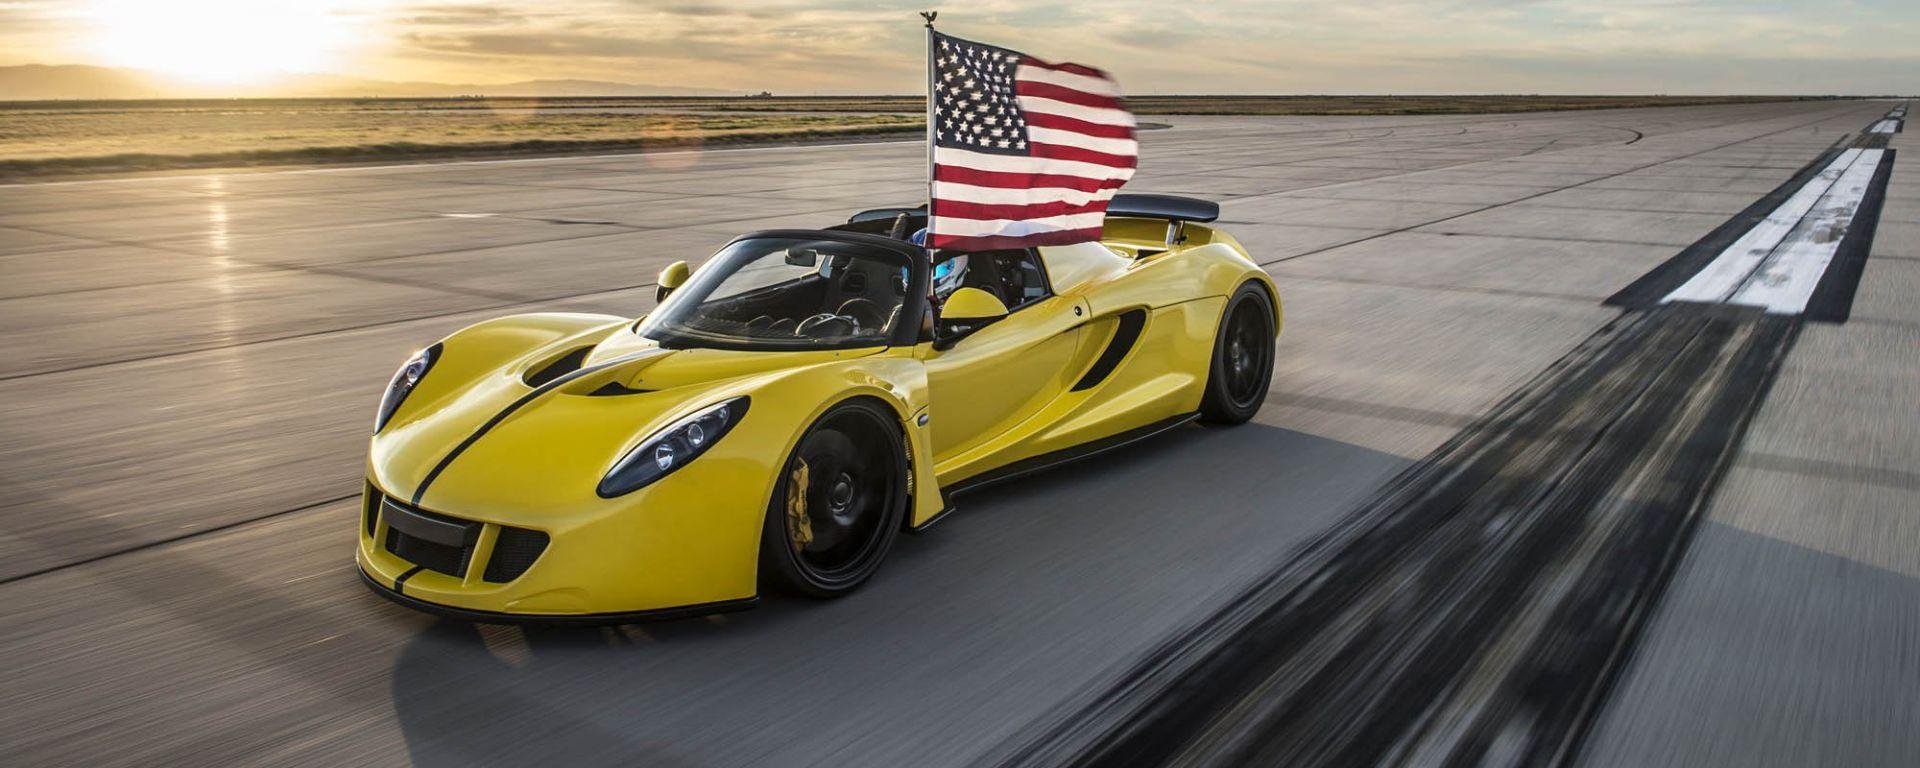 427 km/h: la Hennessey Venom Spyder batte il record della Bugatti Veyron